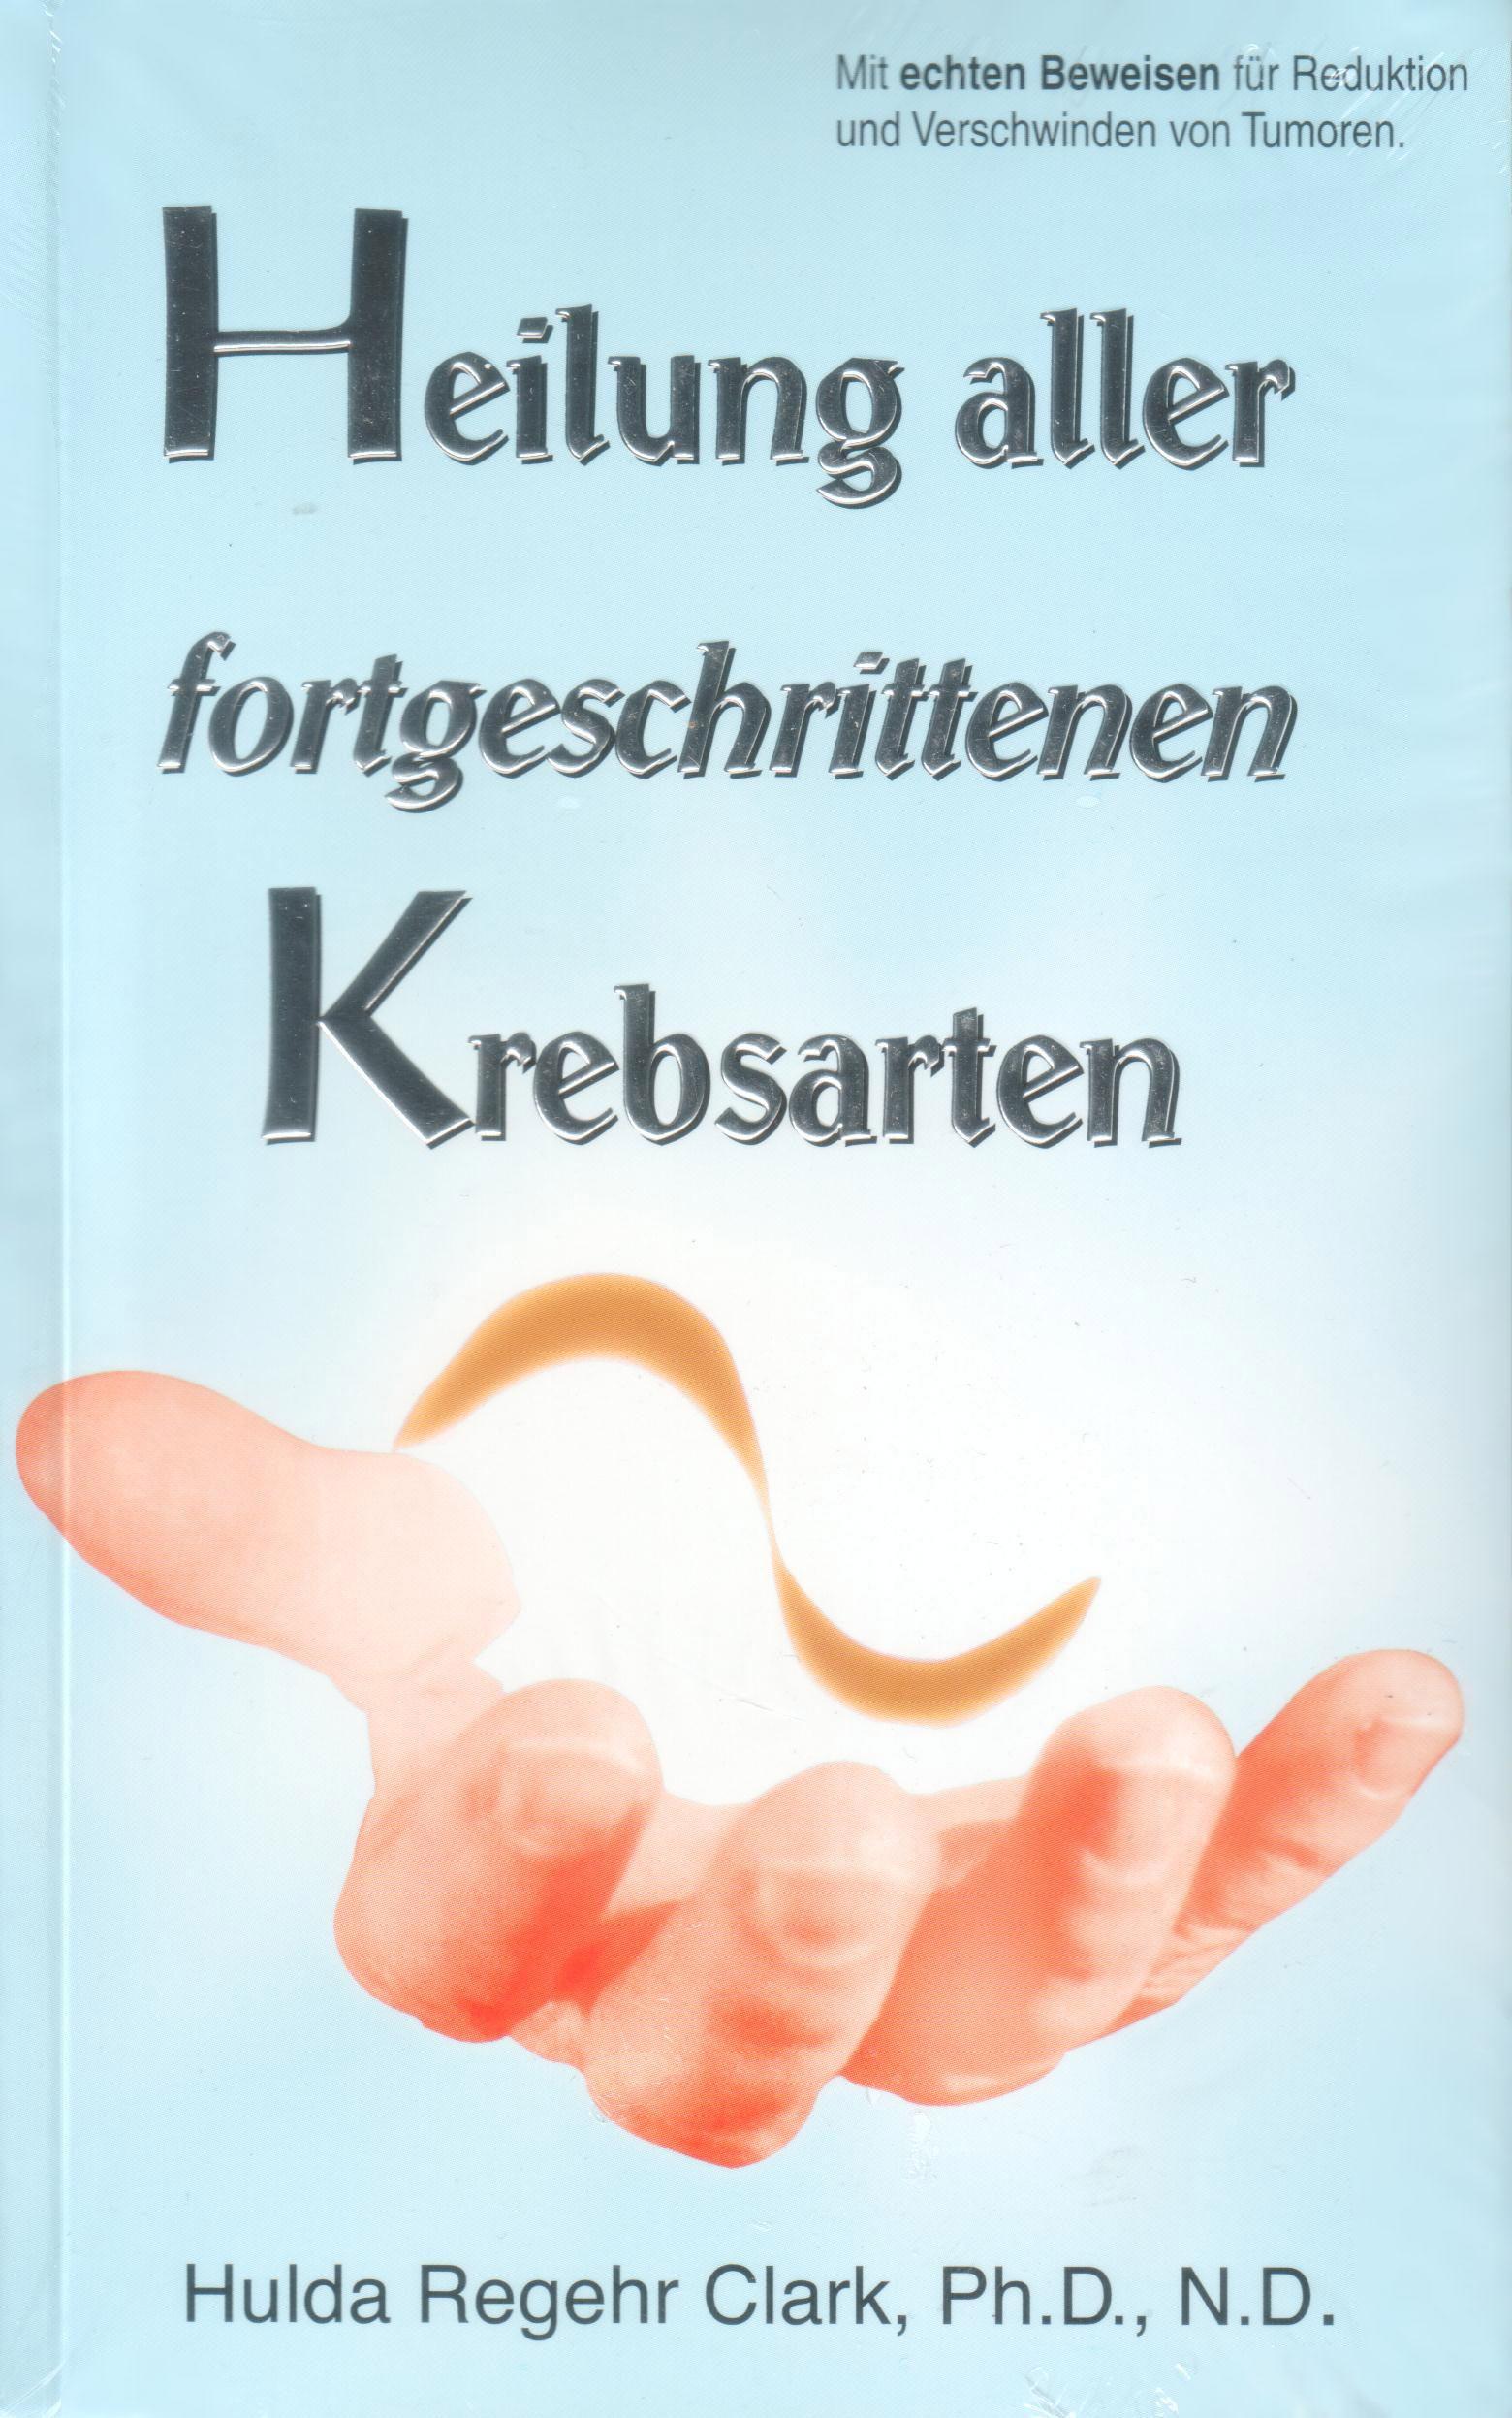 Heilung aller fortgeschrittenen Krebsarten von Hulda Clark auf deutsch